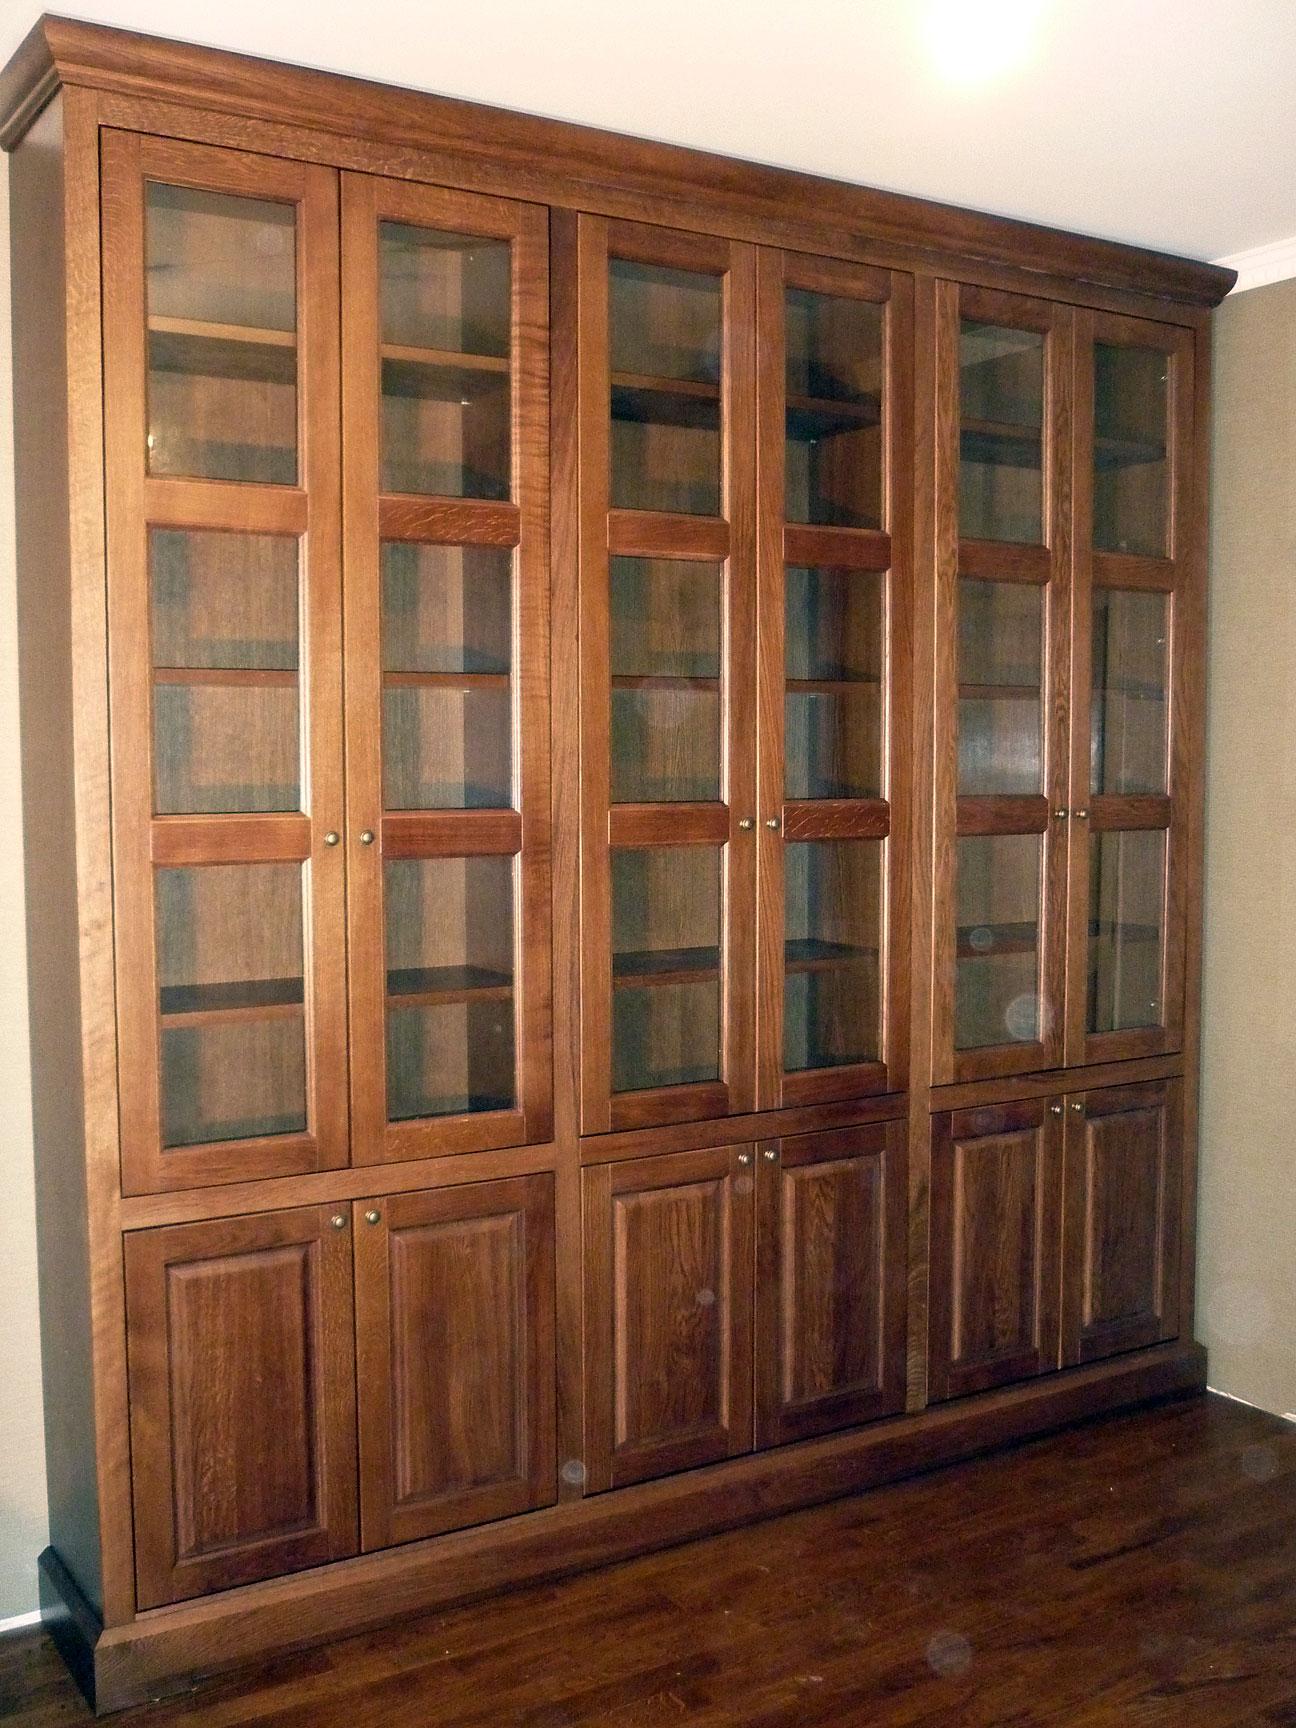 Комплект мебели из дуба: шкафы, стол - домашний кабинет.